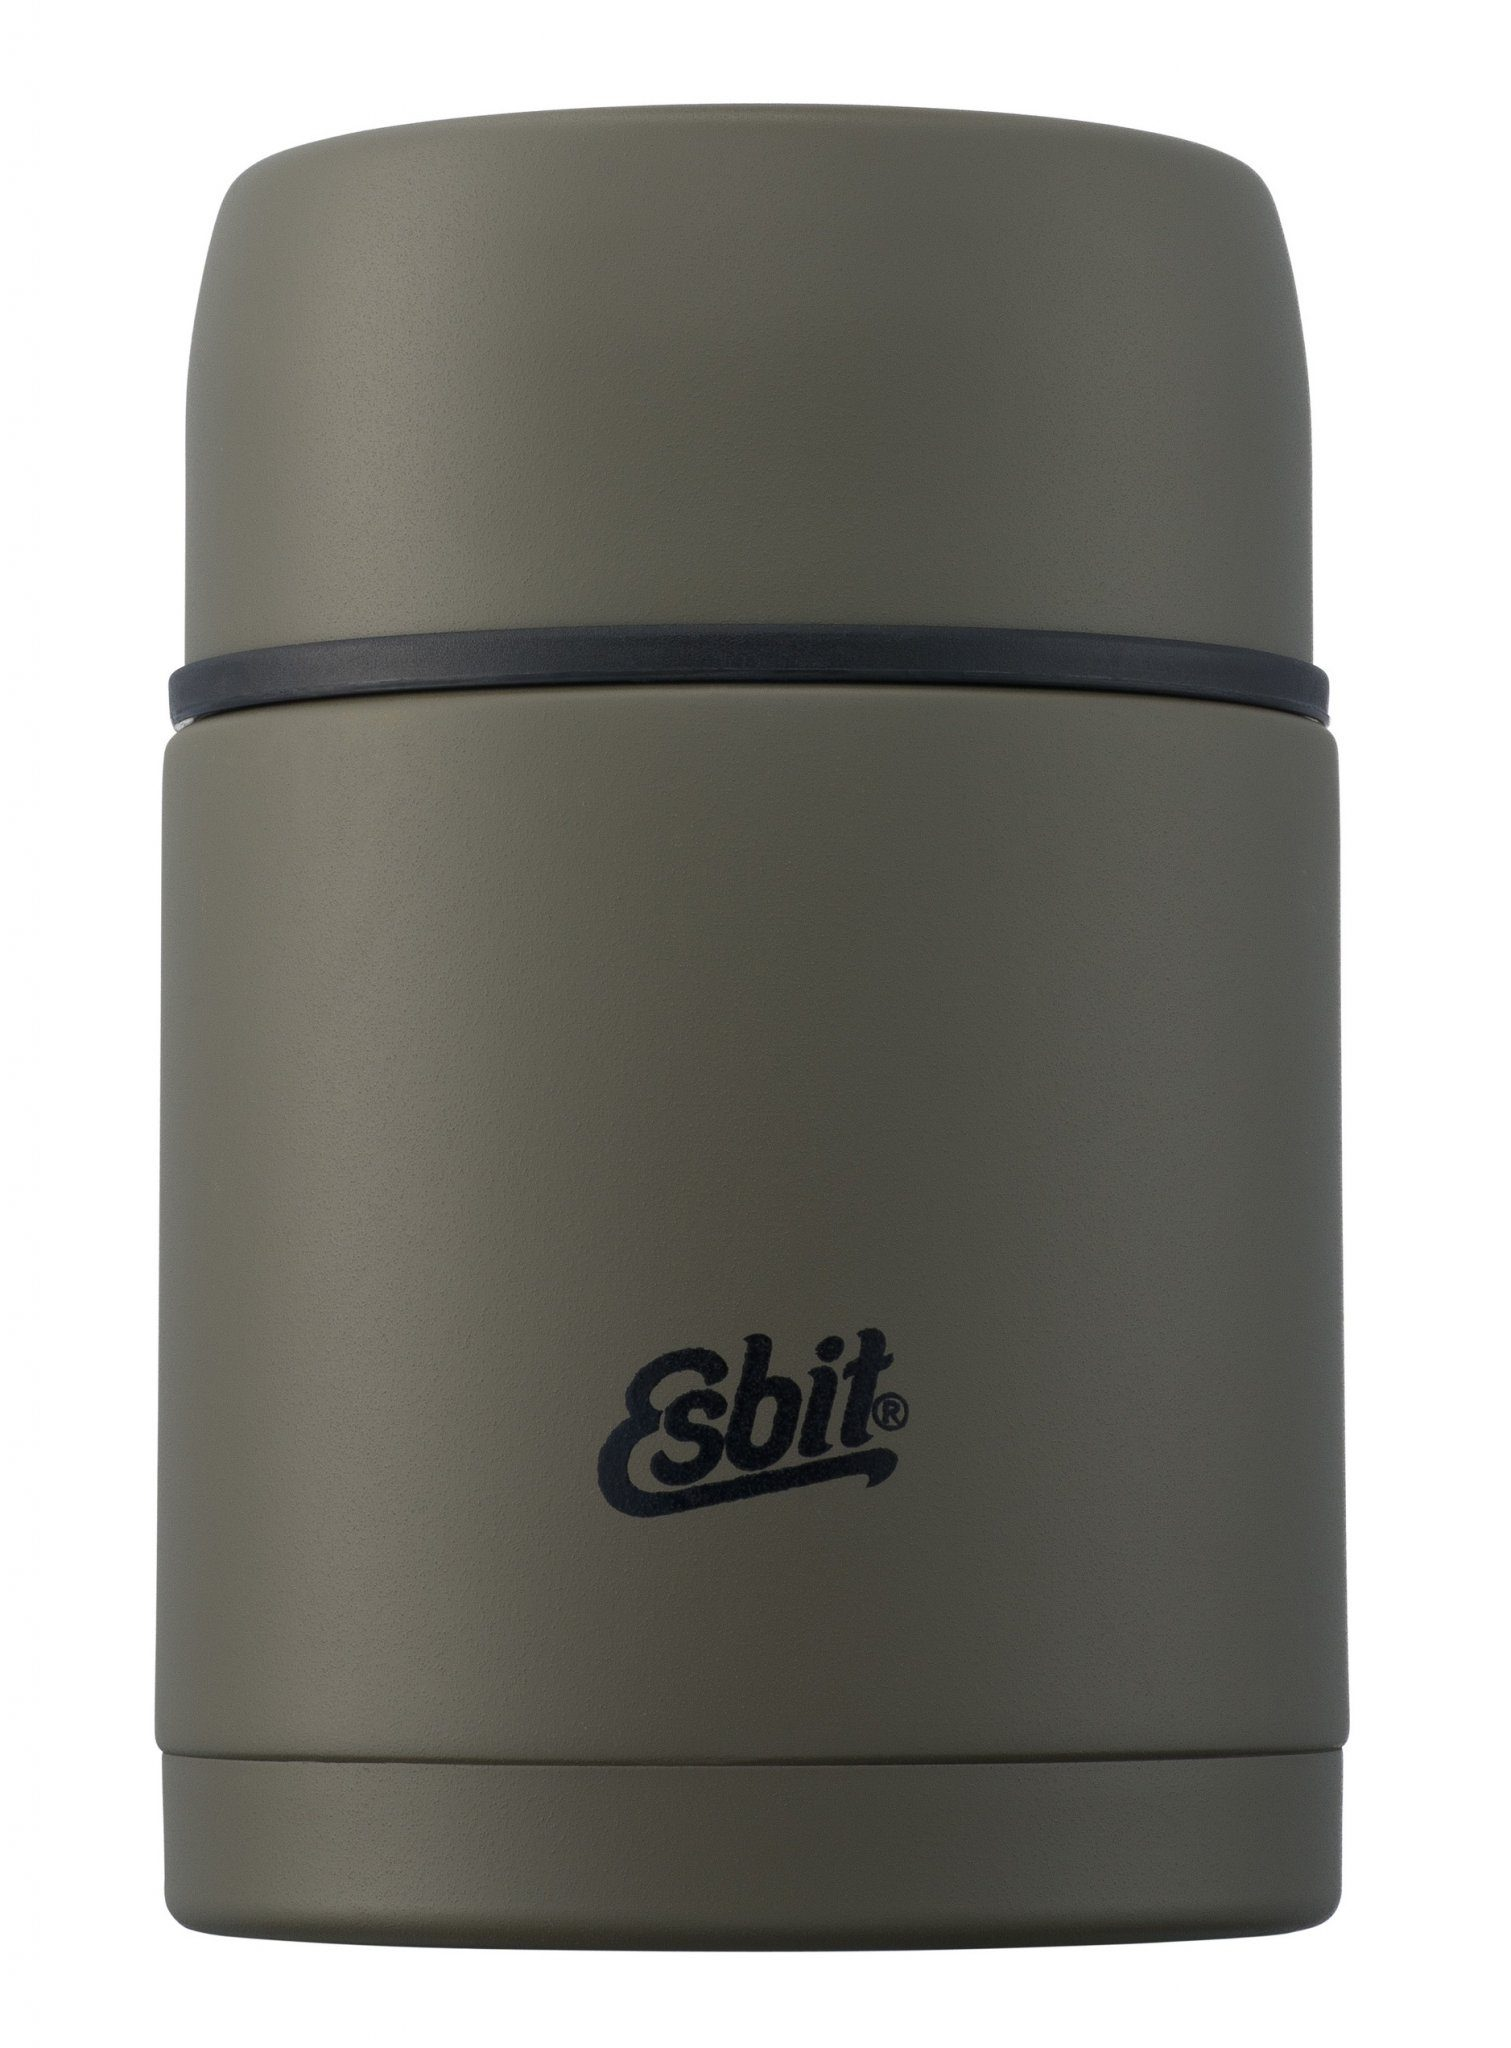 Esbit Trinkflasche »Esbit Isolier Foodbehälter 750ml«